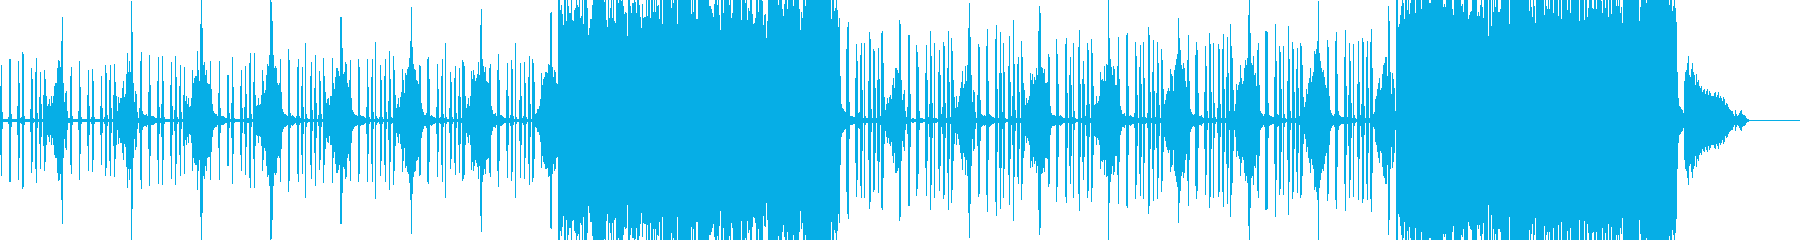 大失態・お邪魔トランペット付きロック Bの再生済みの波形